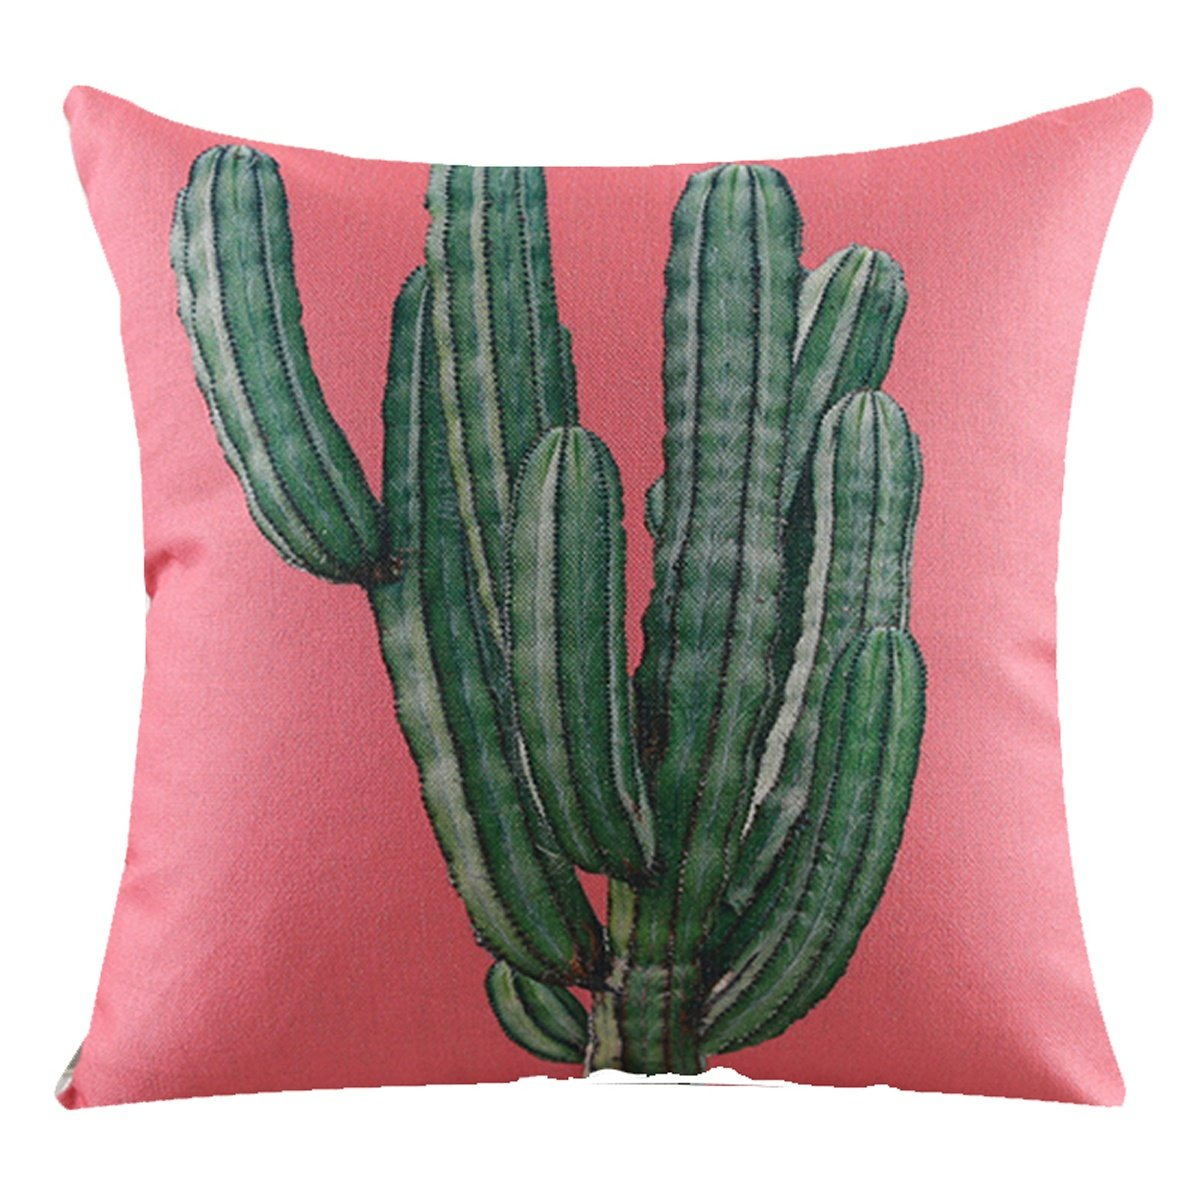 JINZA Nordische tropische Kaktus-Anlage lässt Sofakissen   Baumwolldekoration Baumwolldekoration Baumwolldekoration Südostasien-Griff-Kissen durch Kissen 450mm  450mm , q5601 B07CFWQD63 Kopfkissenbezüge 13bfdf